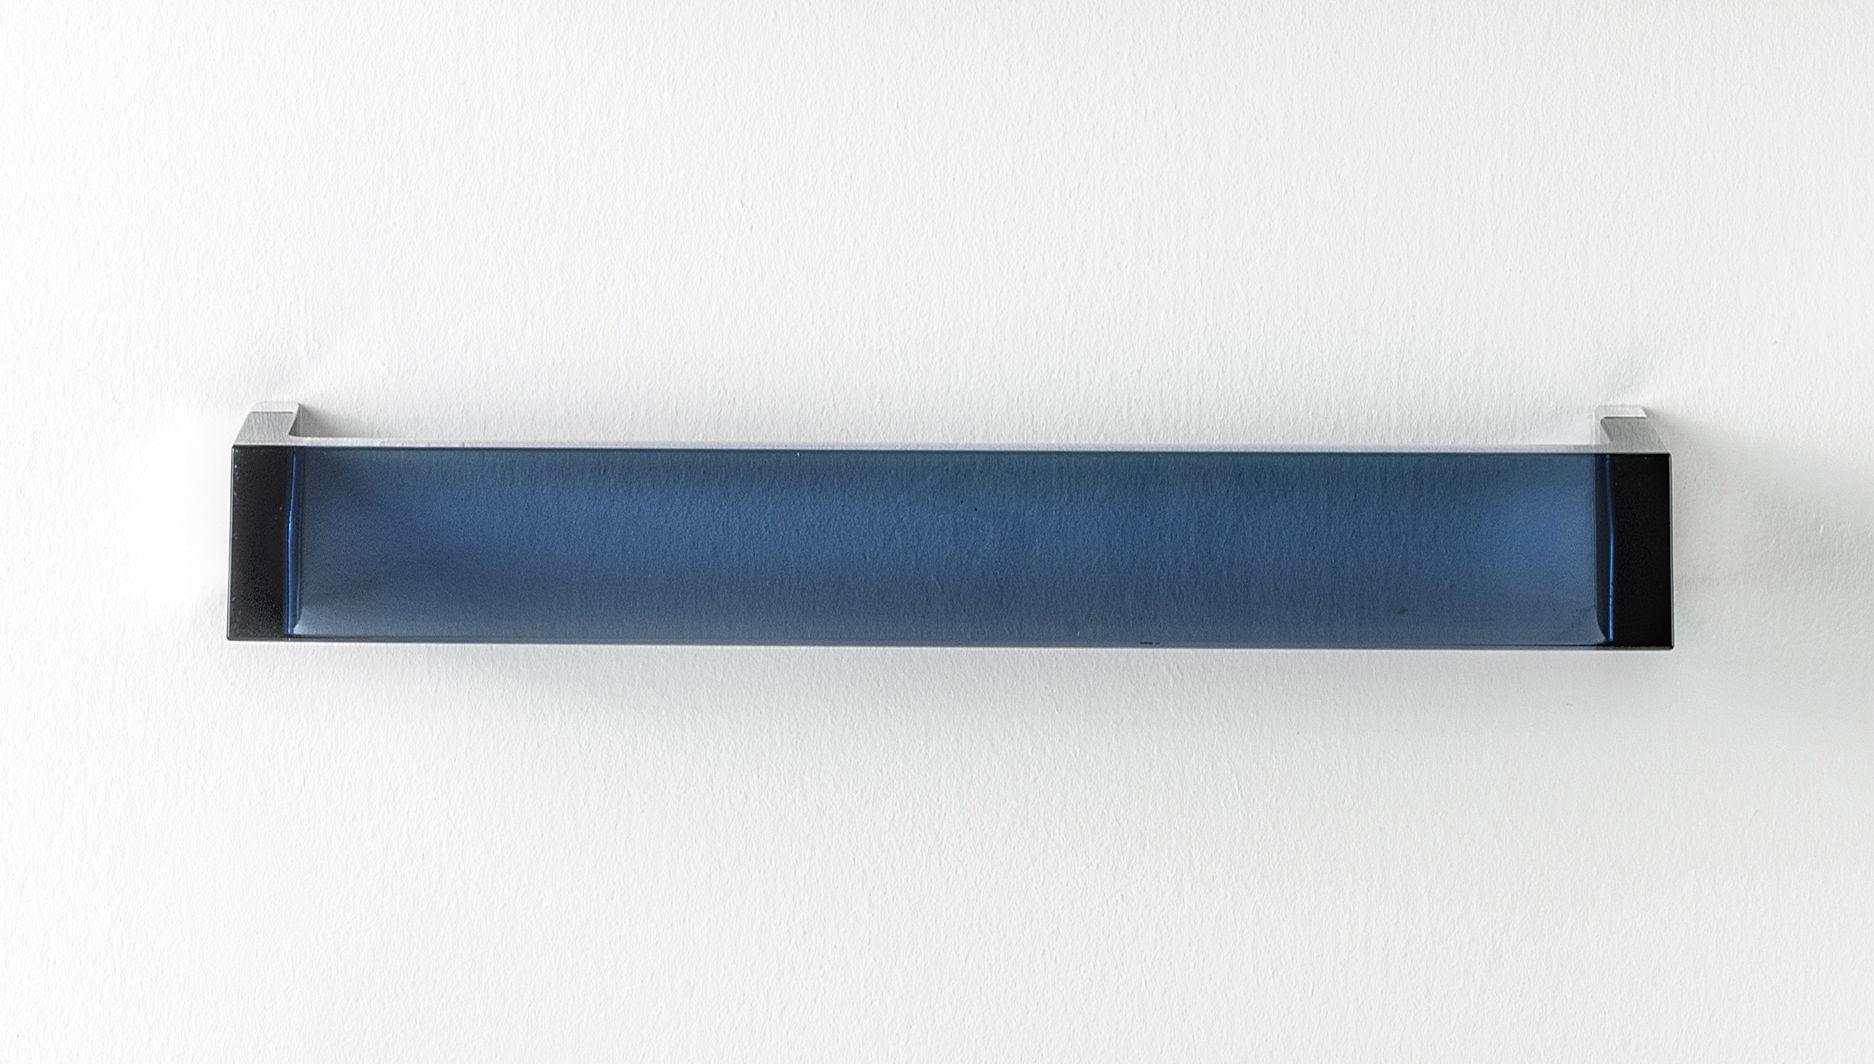 Accessoires - Accessoires salle de bains - Porte-serviettes mural Rail / L 30 cm - Kartell - Bleu crépuscule - PMMA